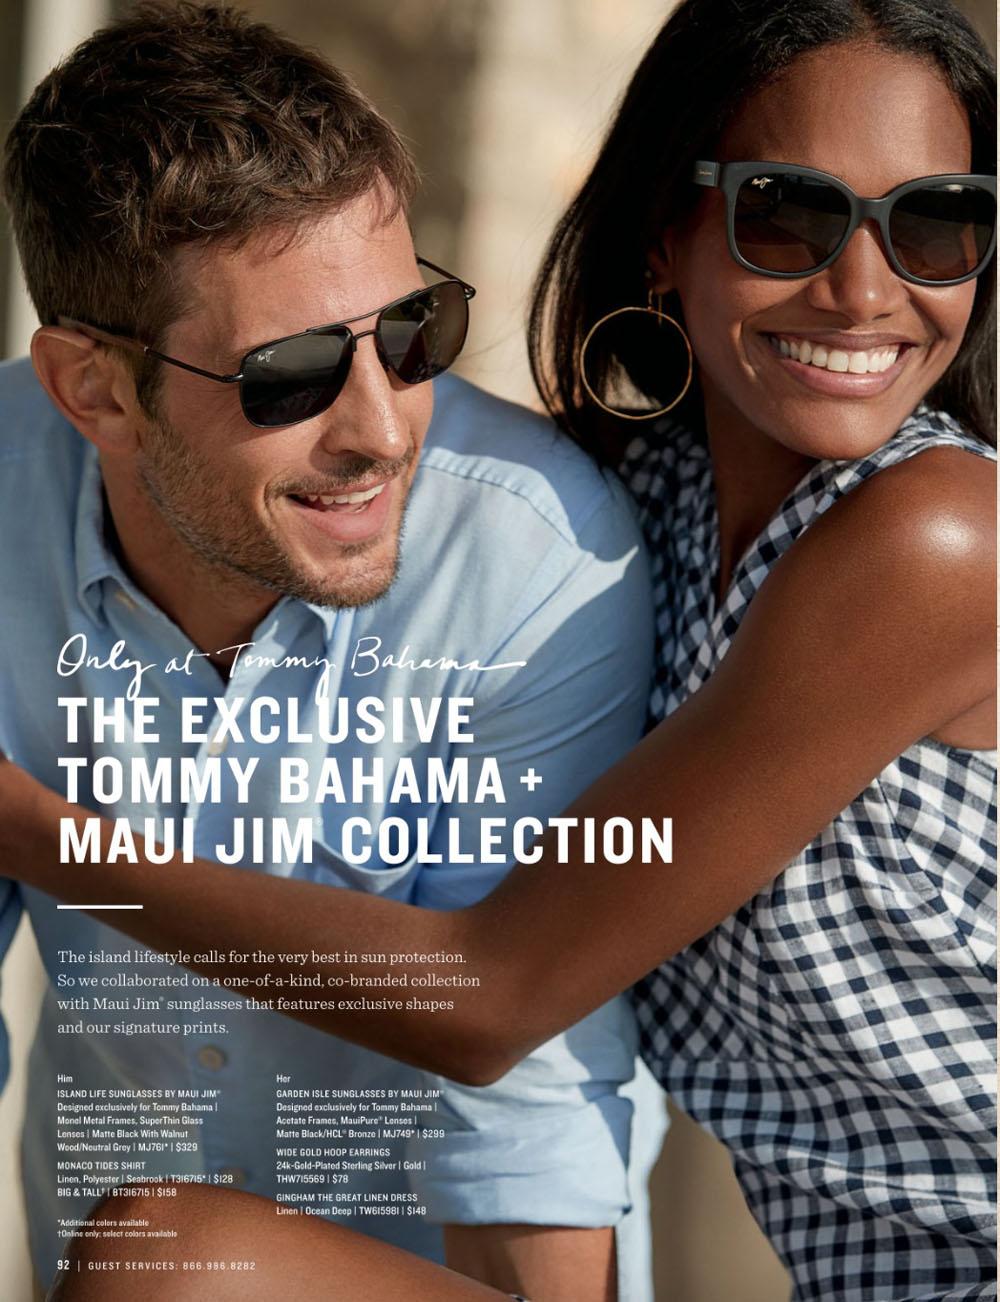 TommyBahama10.jpg